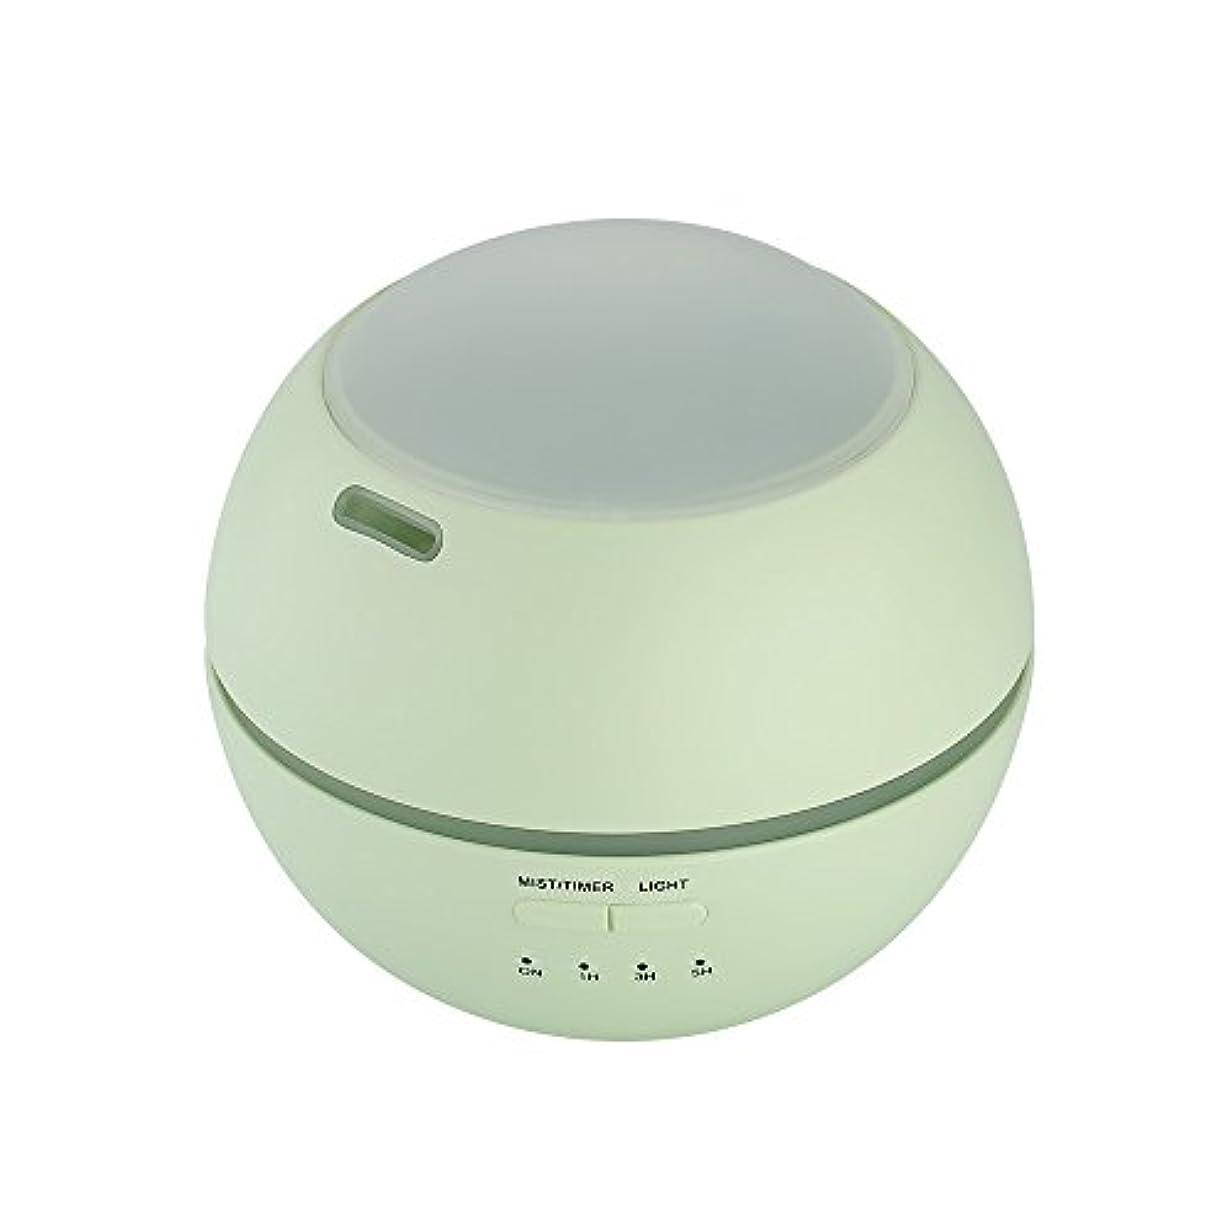 ウィンクぬるいドラッグ超音波式 アロマディフューザー 卓上 加湿器 8色LEDライト変換 超静音 ミス調整可能 時間設定タイマー機能付き 空焚き防止機能搭載 アロマ加湿器 150mL by smartlife (グリーン)